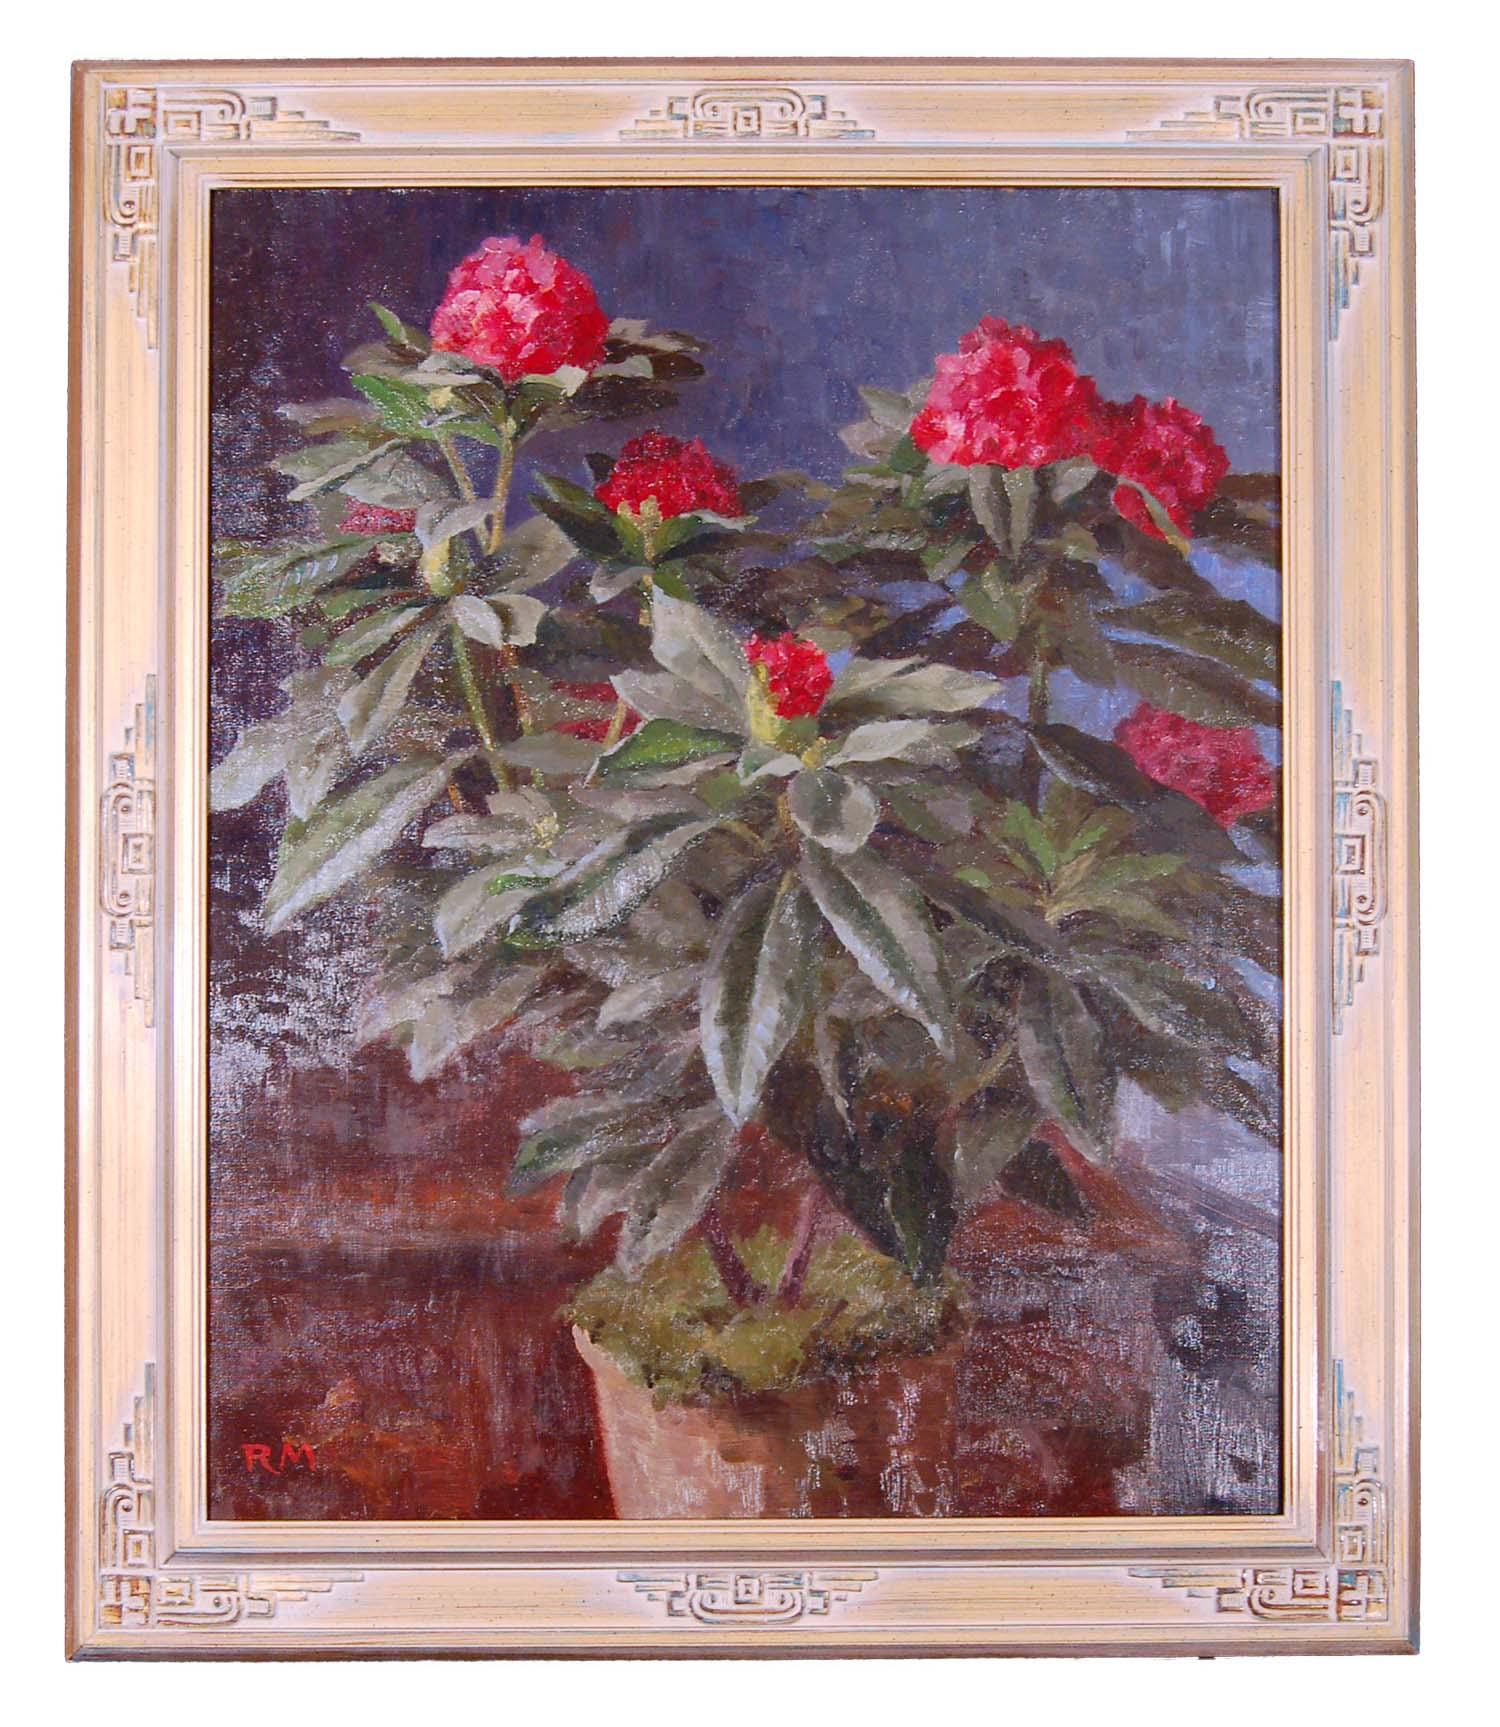 """Mahler Richard, Landschafts- und Blumenmaler Wien, Öl/Leinwand, sign. R.M., """"Hortensien im Topf"""" 73x88cm"""